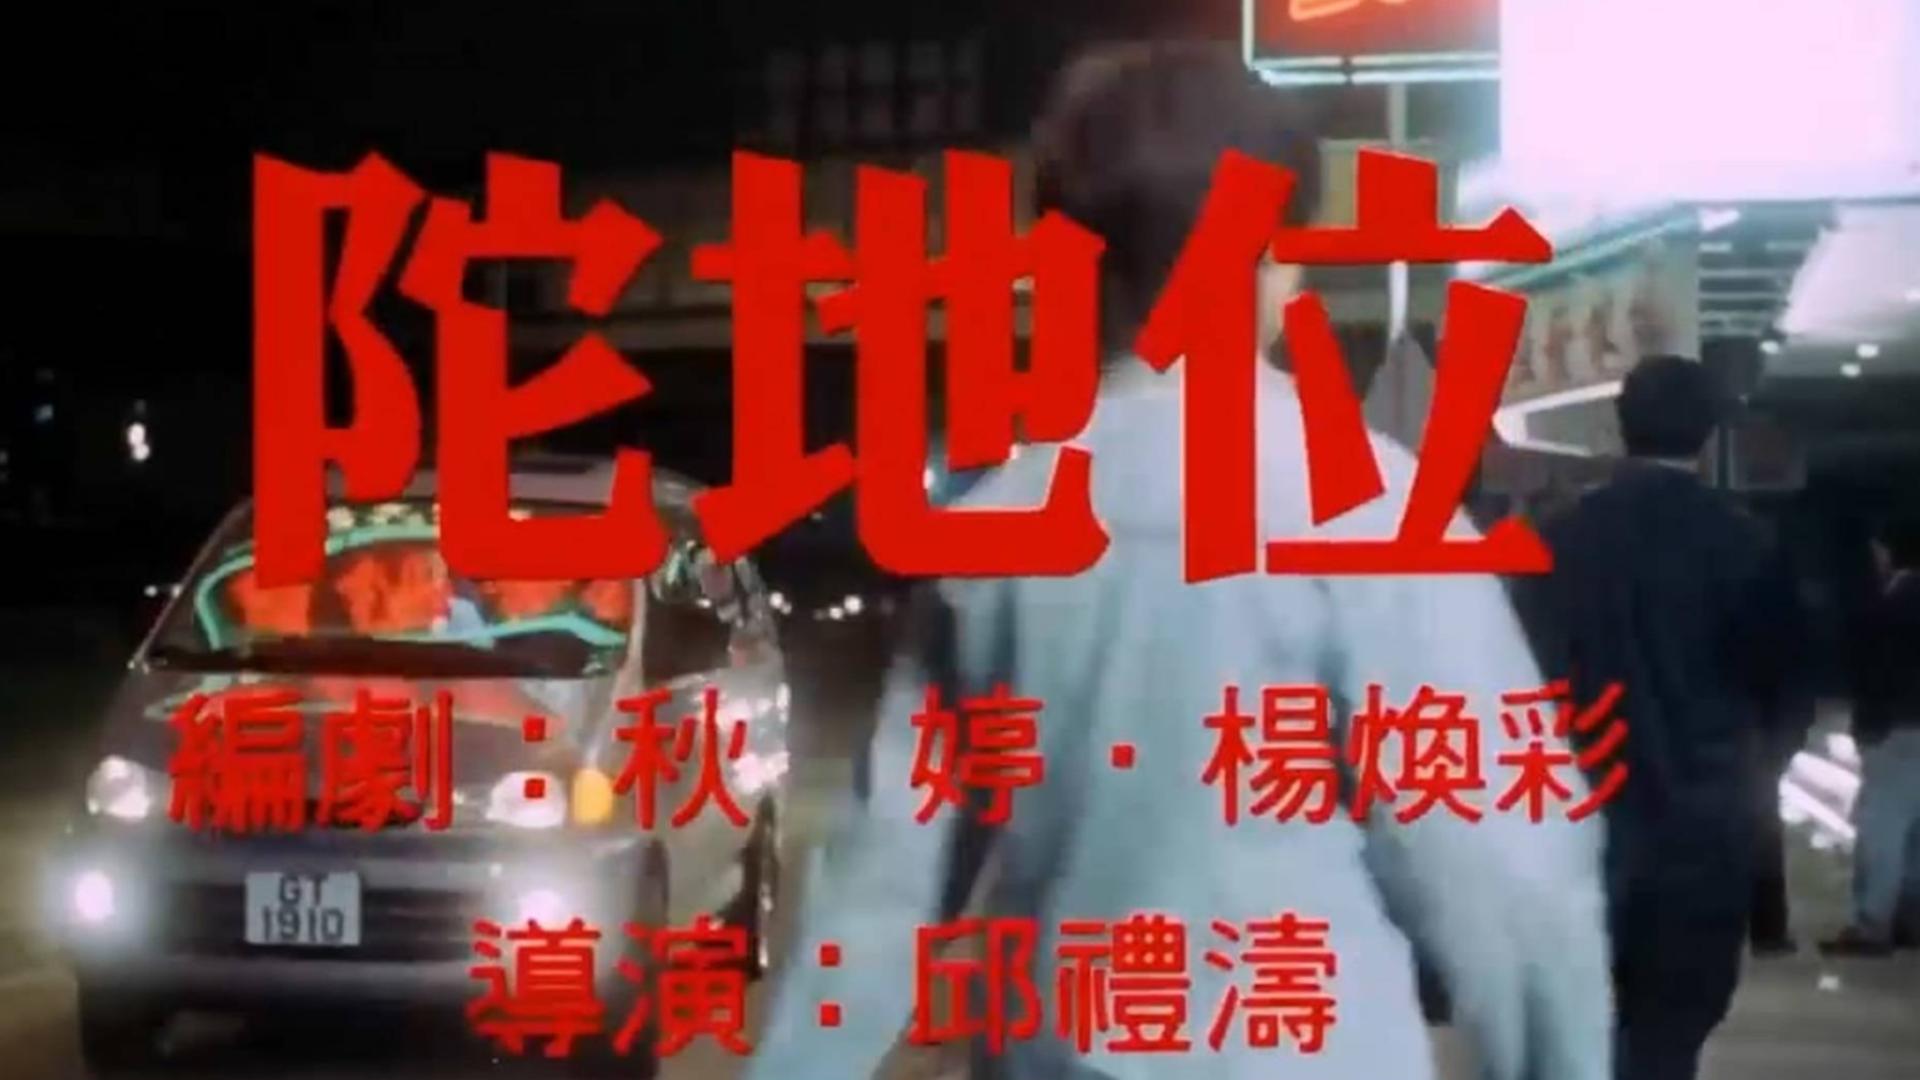 二十多年前的一部香港鬼片,电影院里陀地位是给鬼坐的,涨知识了